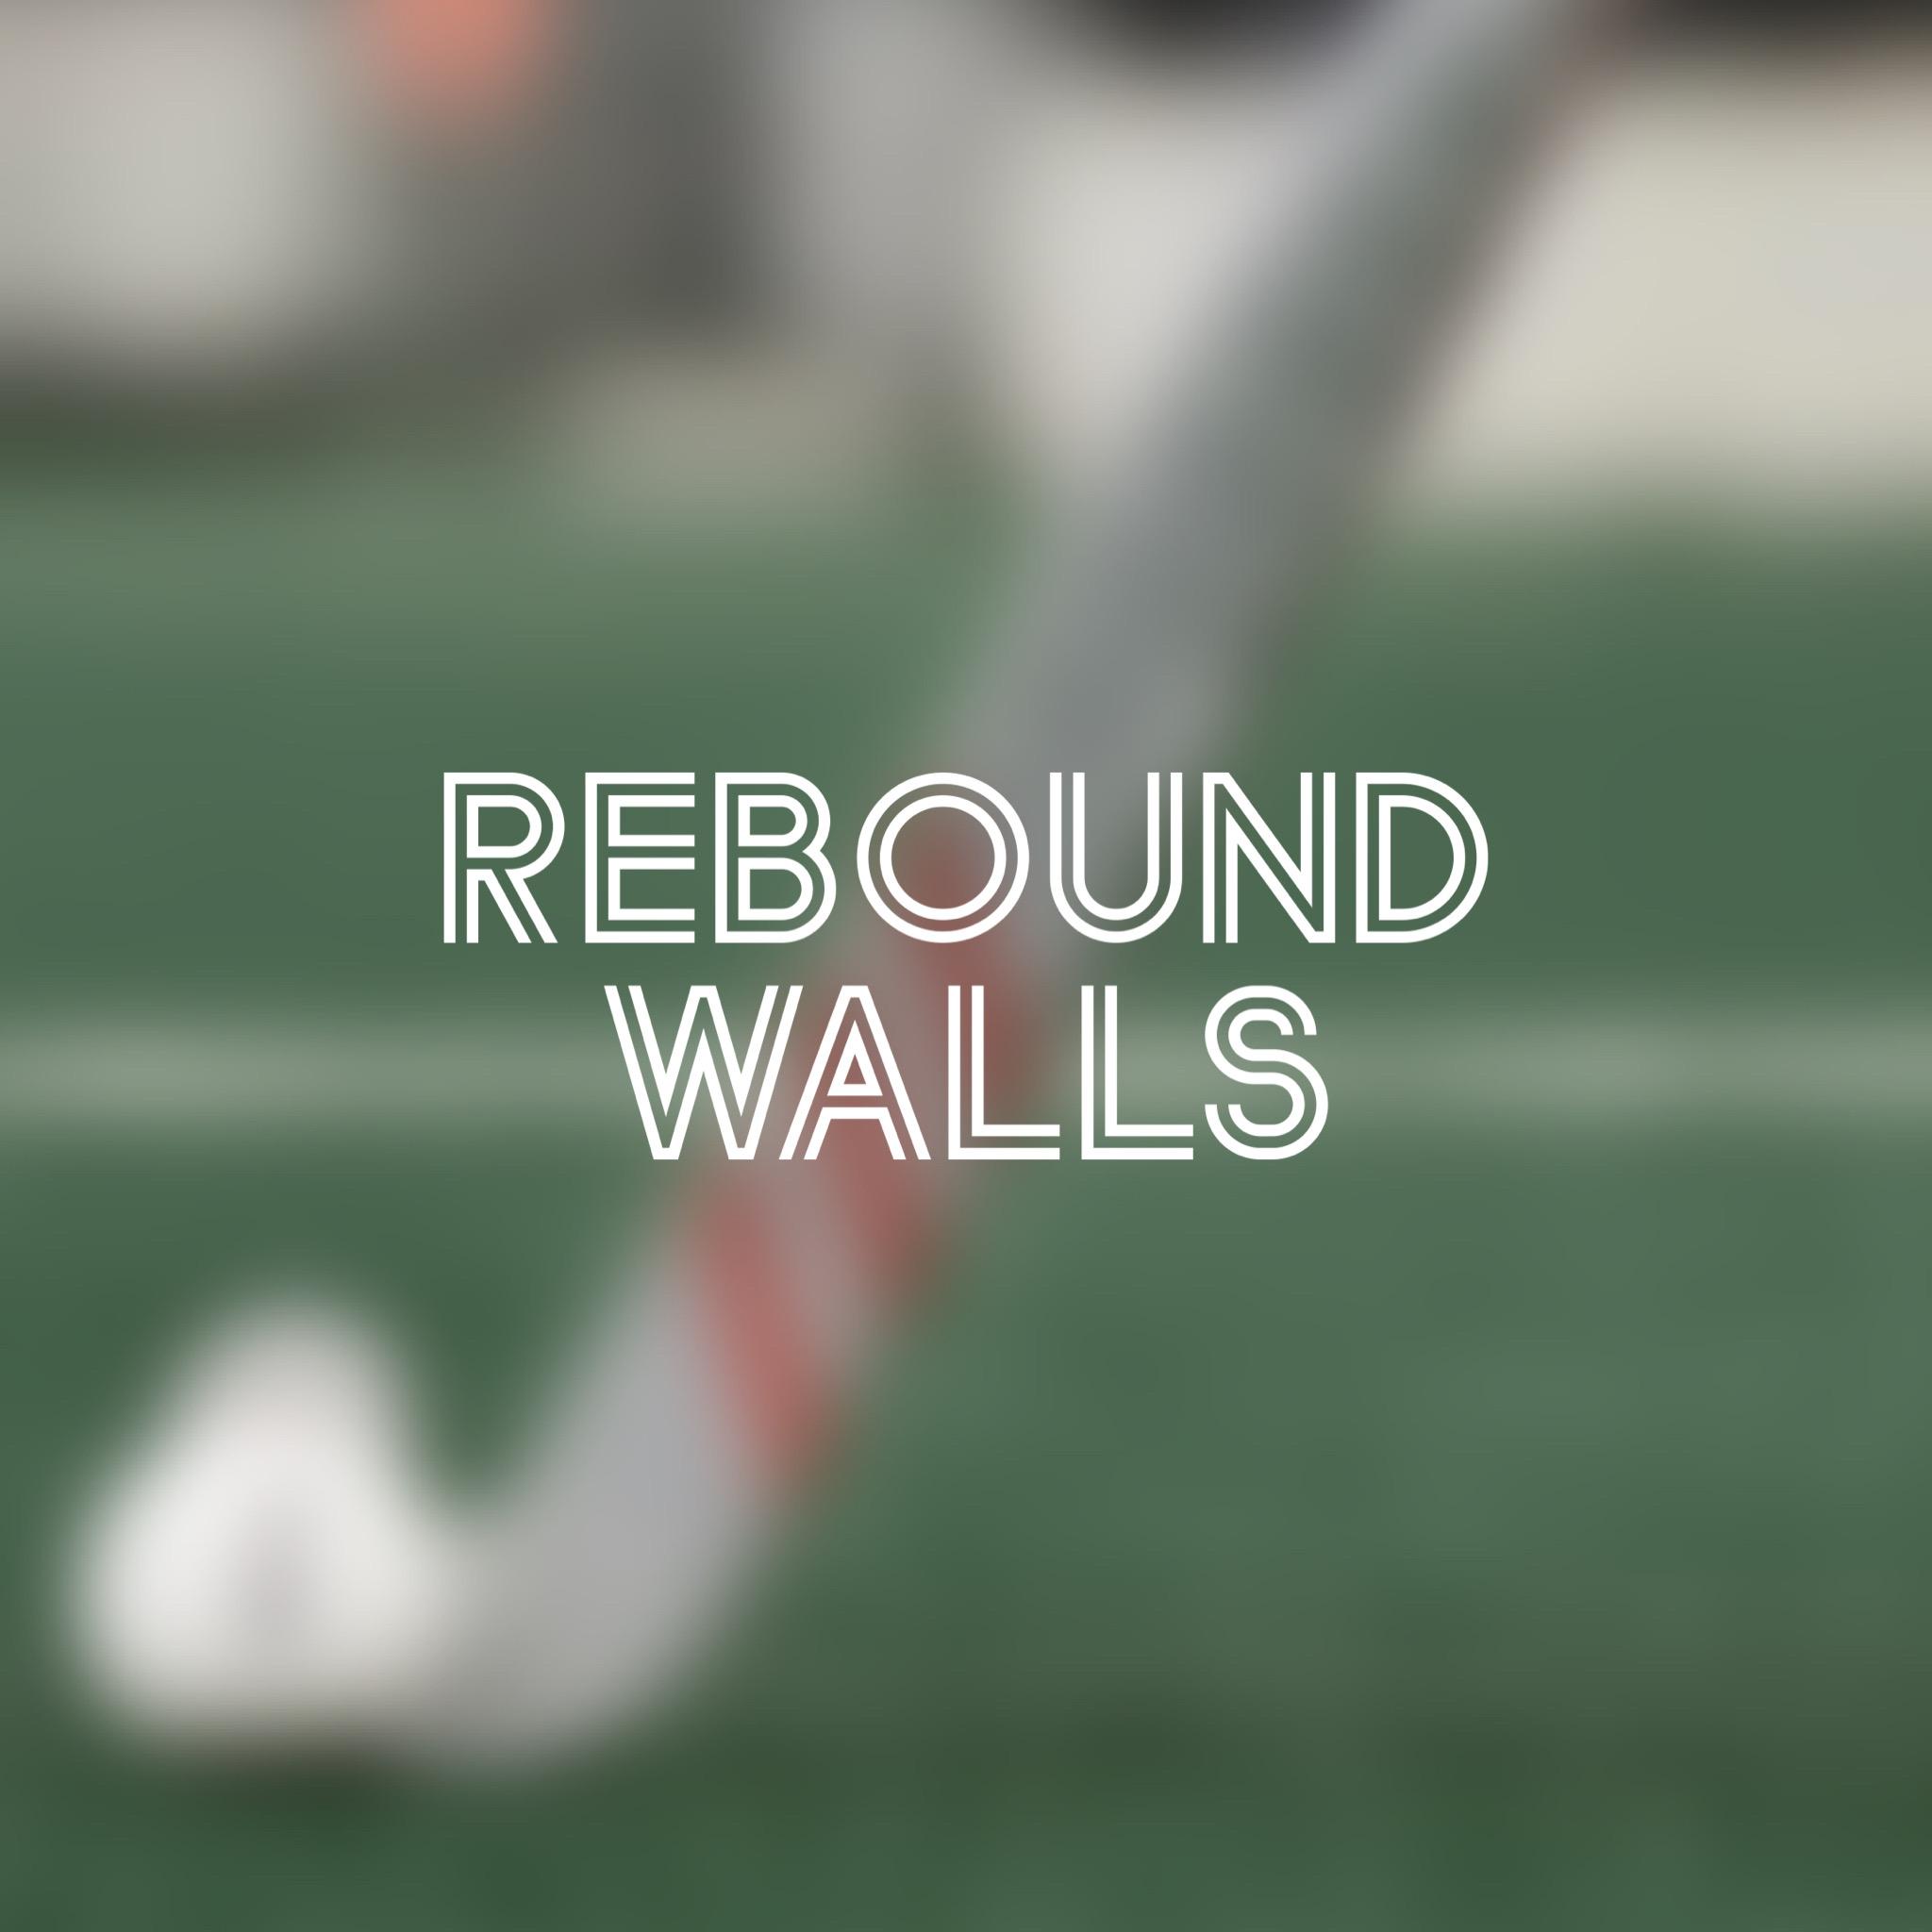 Rebound Walls